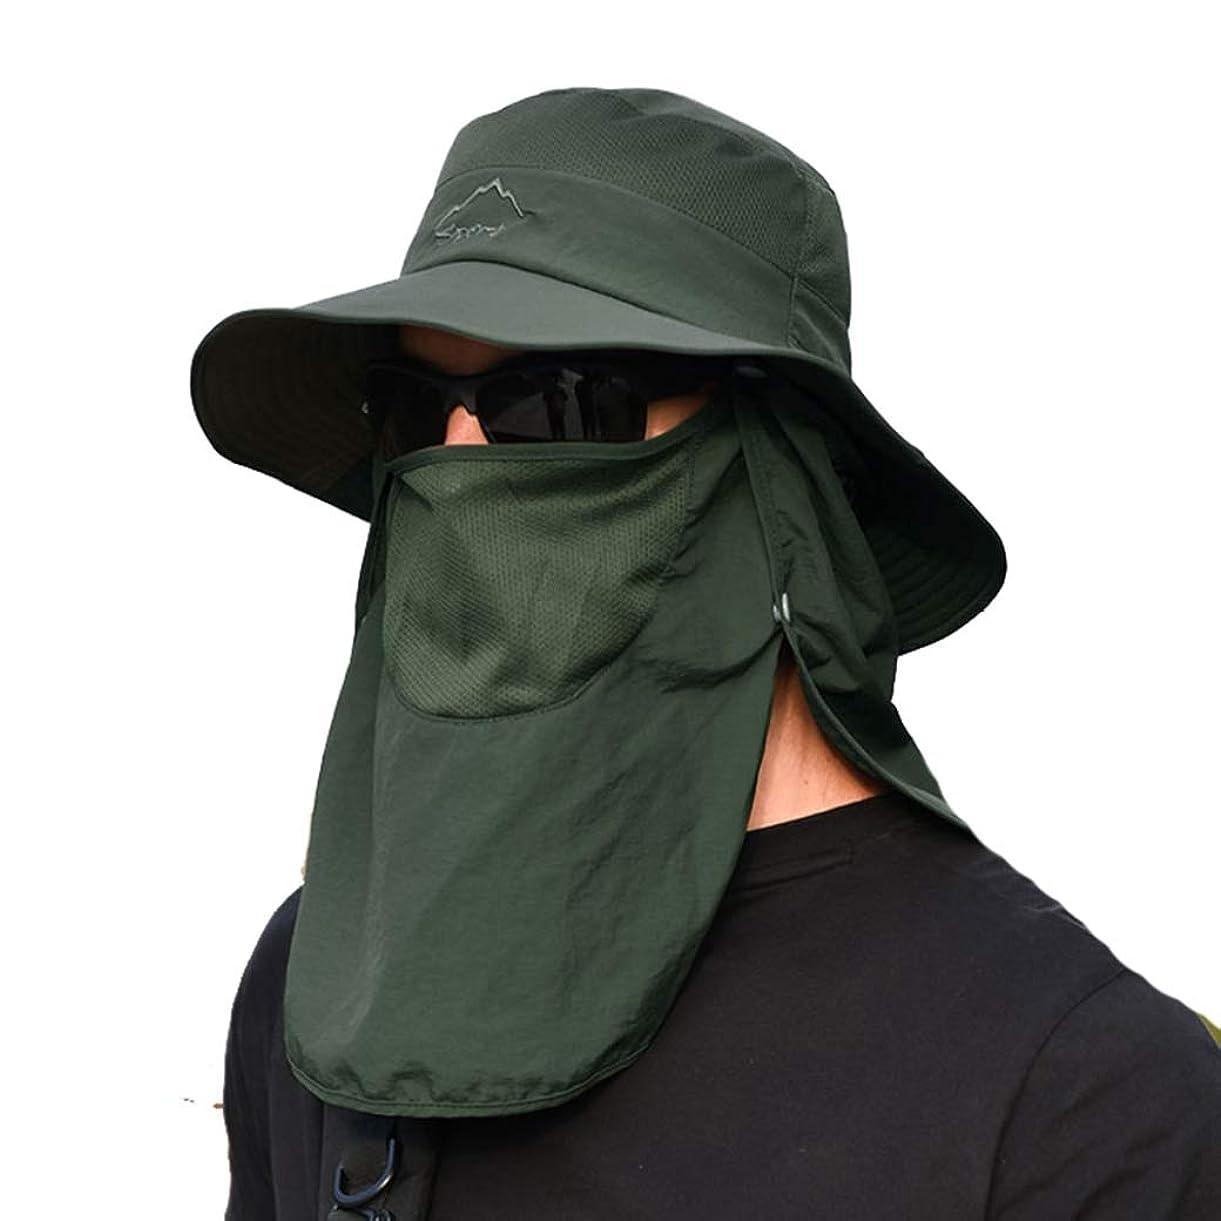 ポイントぜいたく感謝サンバイザー メンズ つば広 ハット 帽子 漁師帽 キャップ フェイスガード フェイスマスク 感染防護 花粉症対策 飛沫を防ぐ 顔面隔離 戸外運動に対応ネックウォーマー 釣り 登山 首までガード